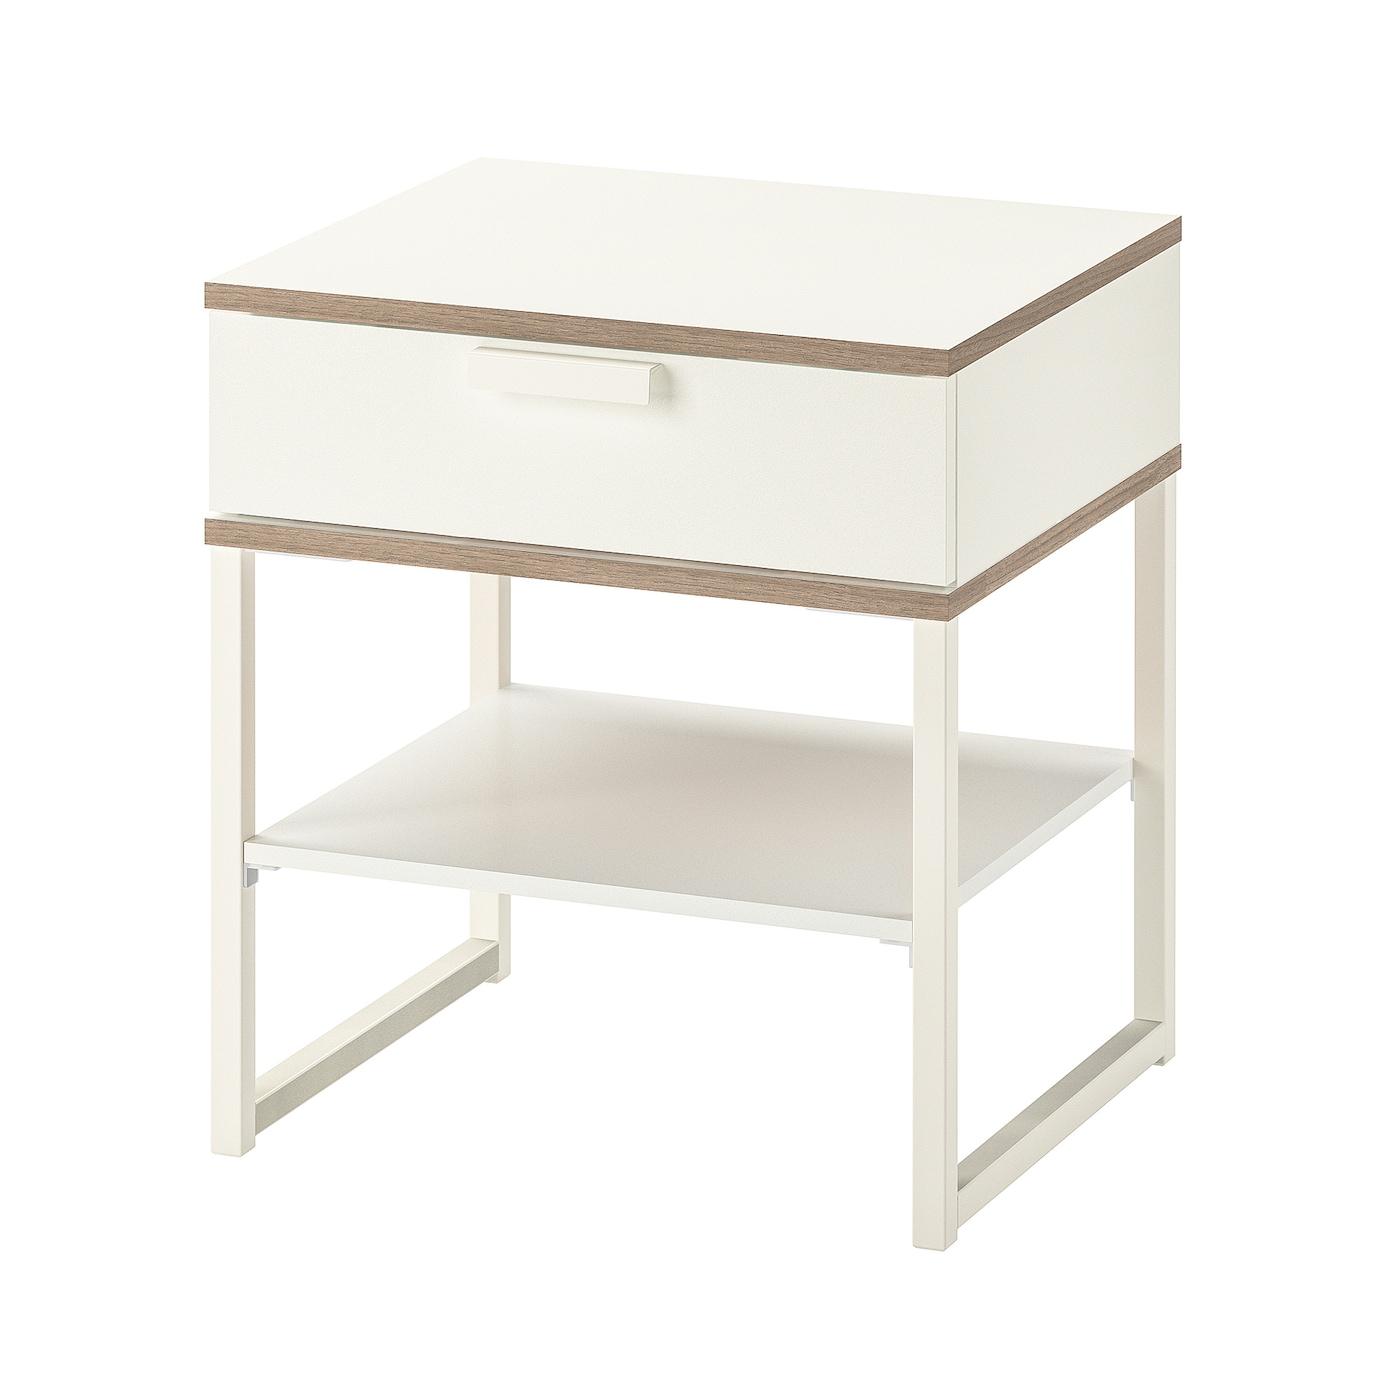 Nachtkastje Wit Met Hout.Nachtkastje Nachttafel Bedtafel Design Goedkoop Ikea